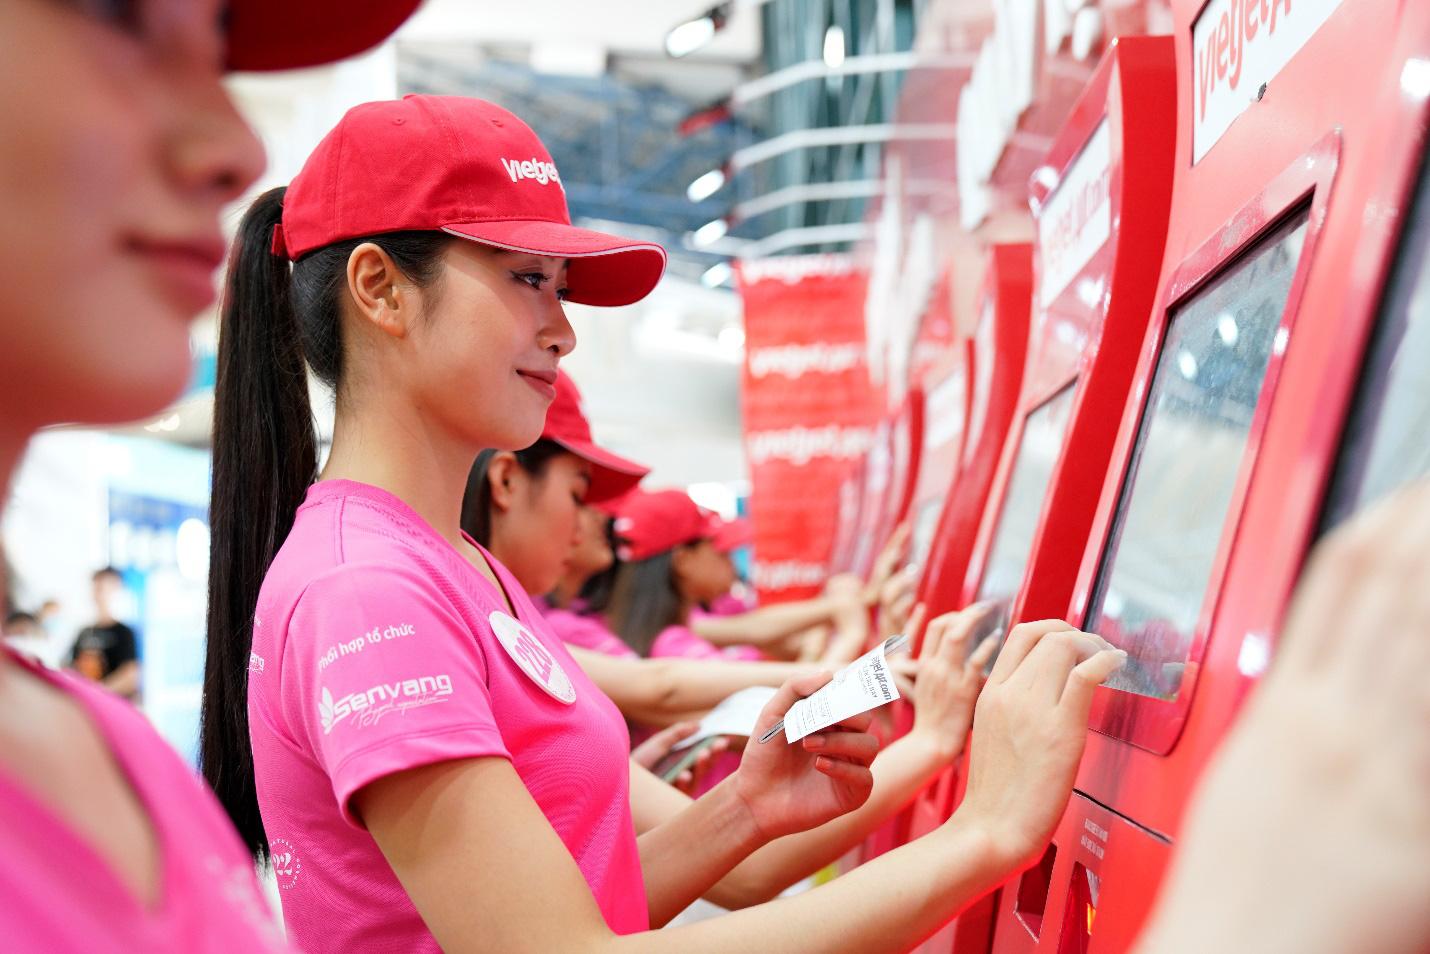 Dàn thí sinh xuất sắc vòng Chung kết Hoa hậu Việt Nam 2020 lên đường thực hiện nhiệm vụ nhân ái - Ảnh 4.